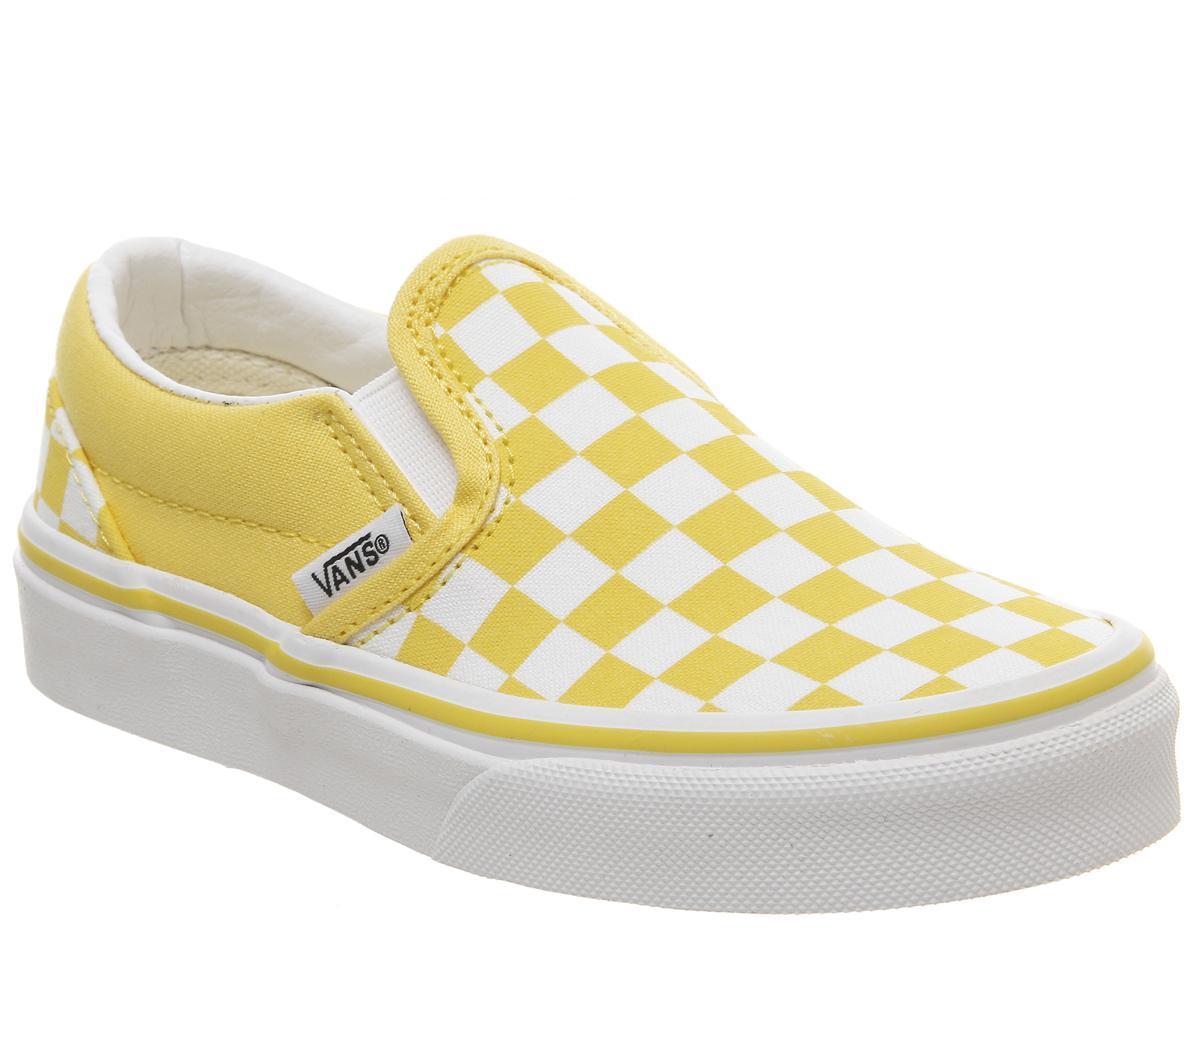 Vans Classic Slip On Kids Aspen Gold